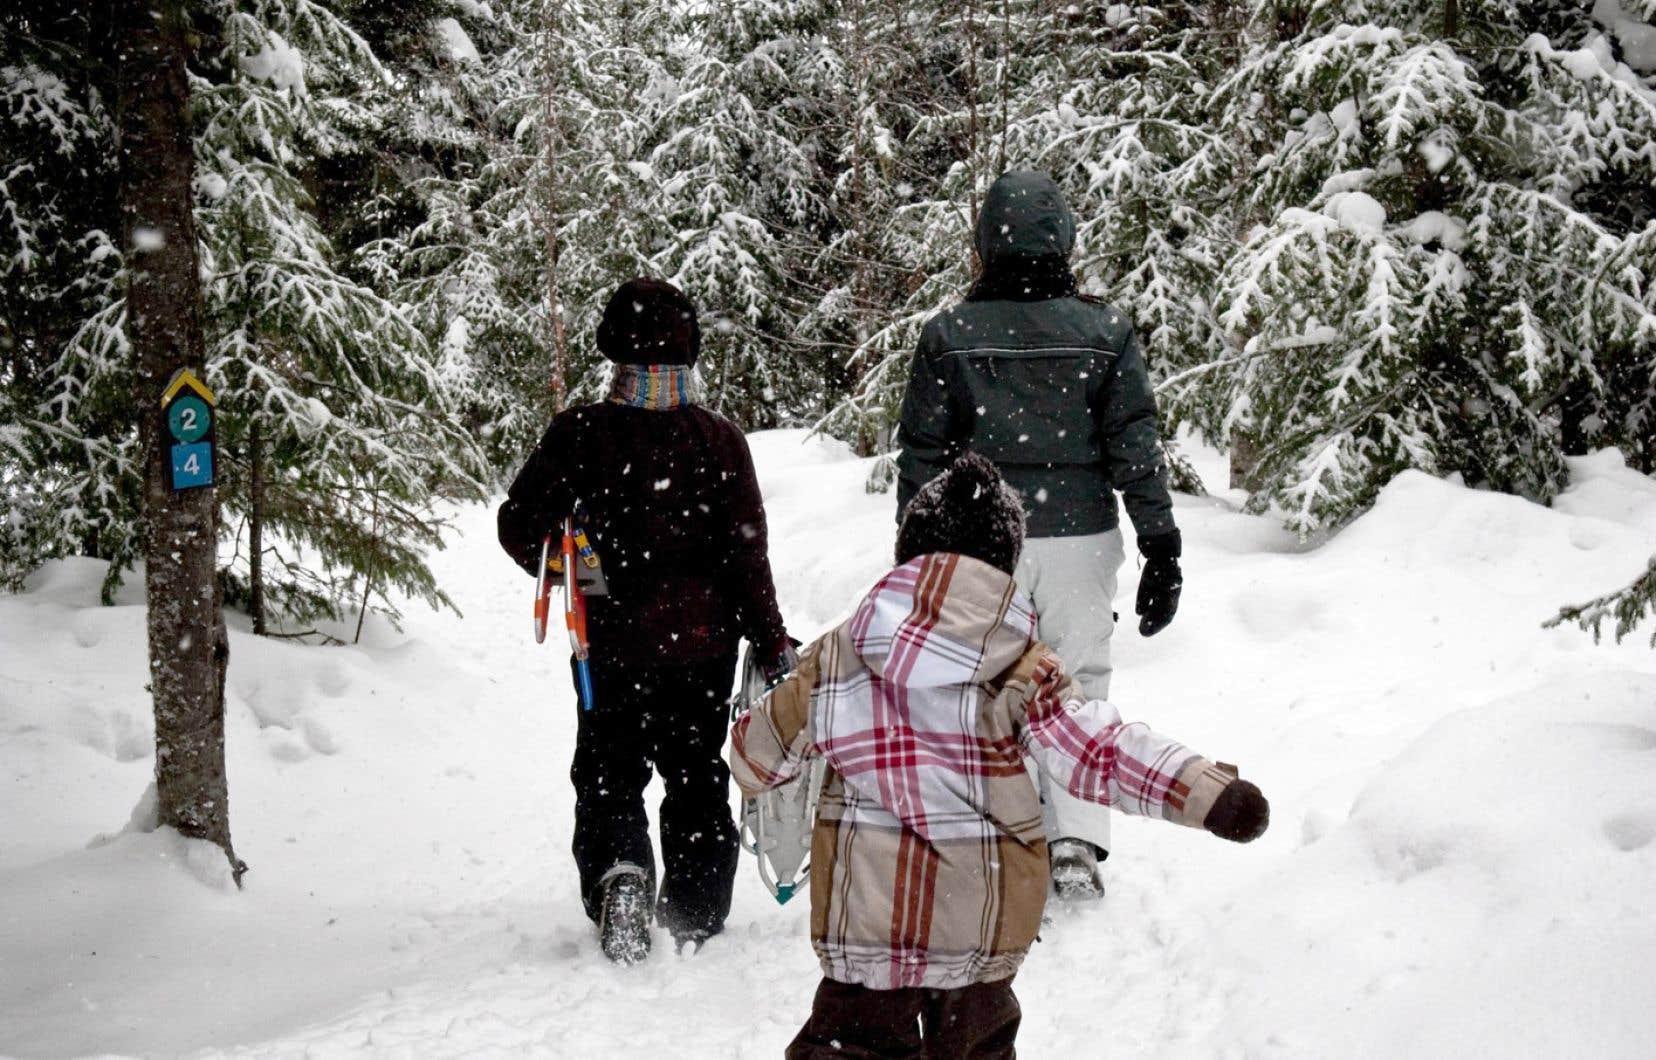 Les gens de la forêt, ce sont aussi ceux qui y pratiquent des activités récréotouristiques.